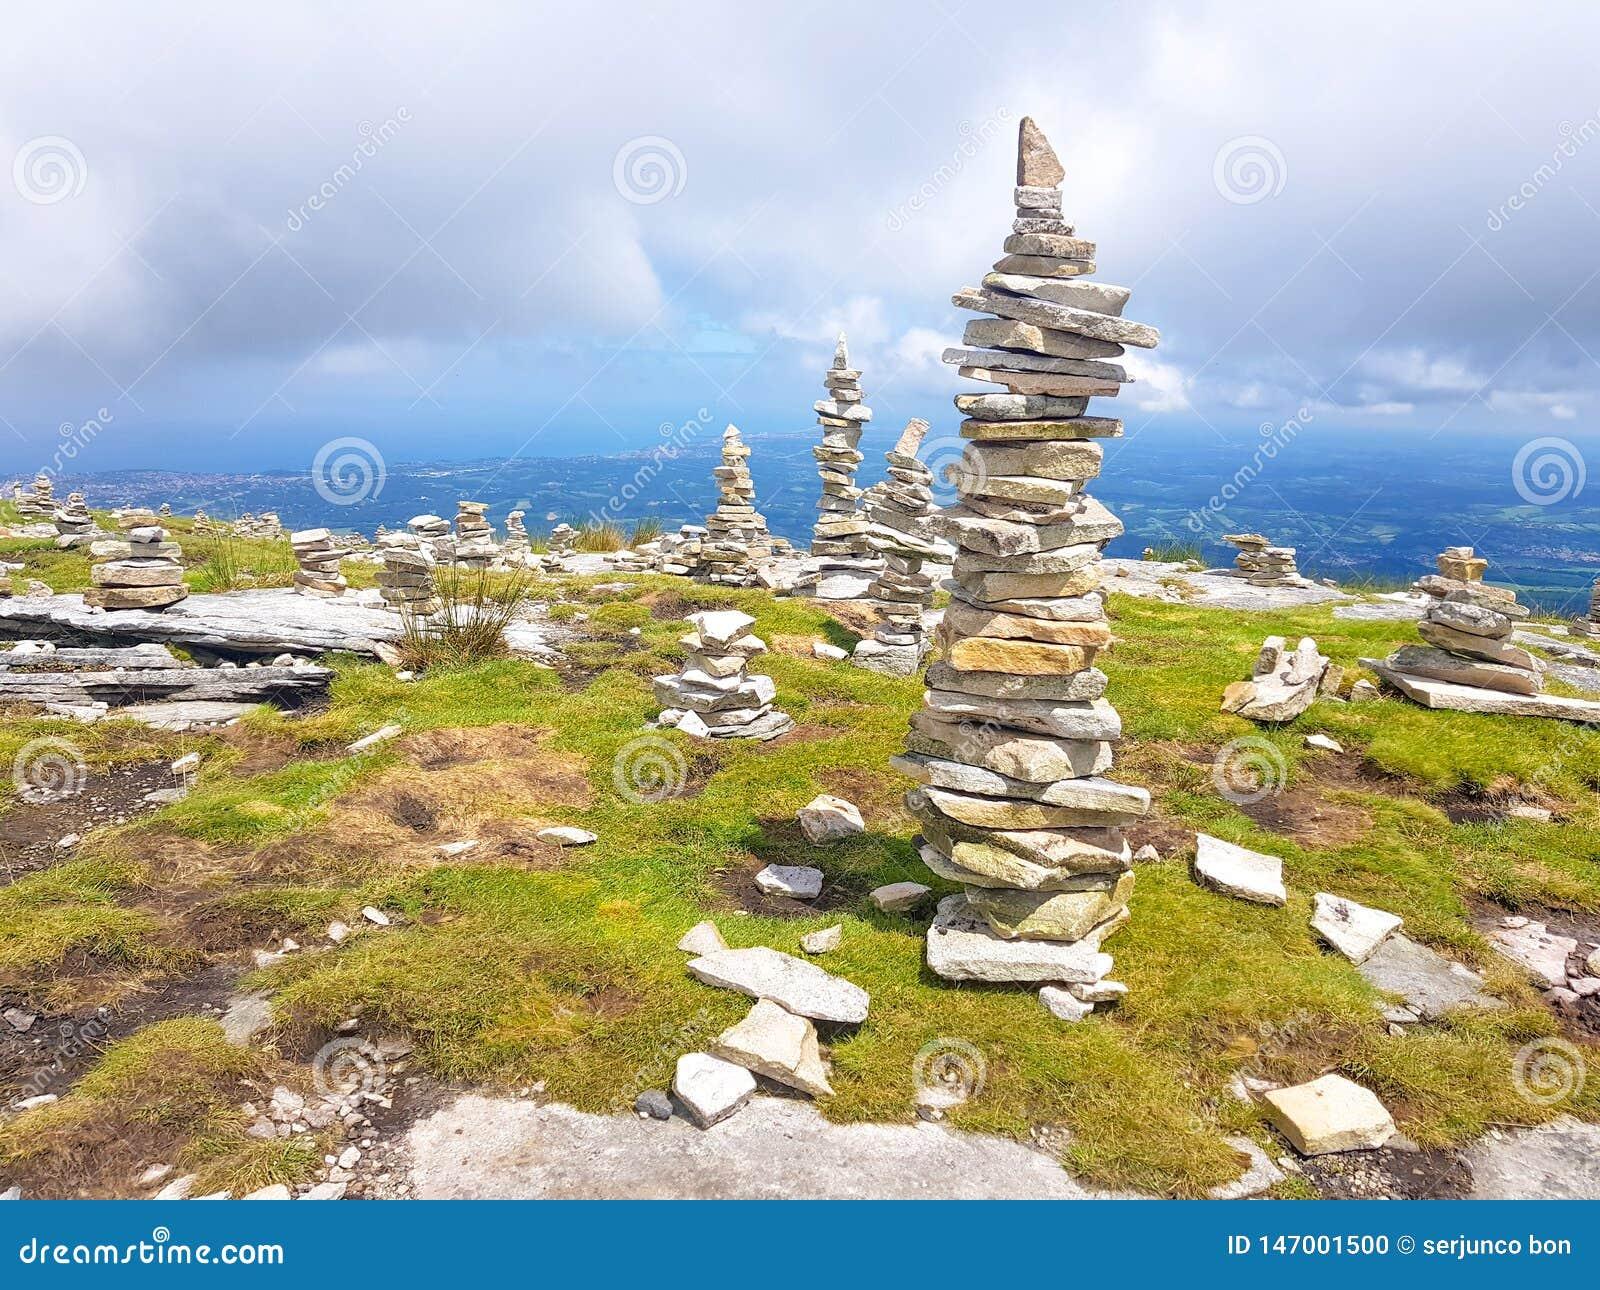 R?se ( Inukshuk rocks) upptill av det LaRhune berget i de atlantiska Pyreneesna Gr?ns mellan Spanien och Frankrike